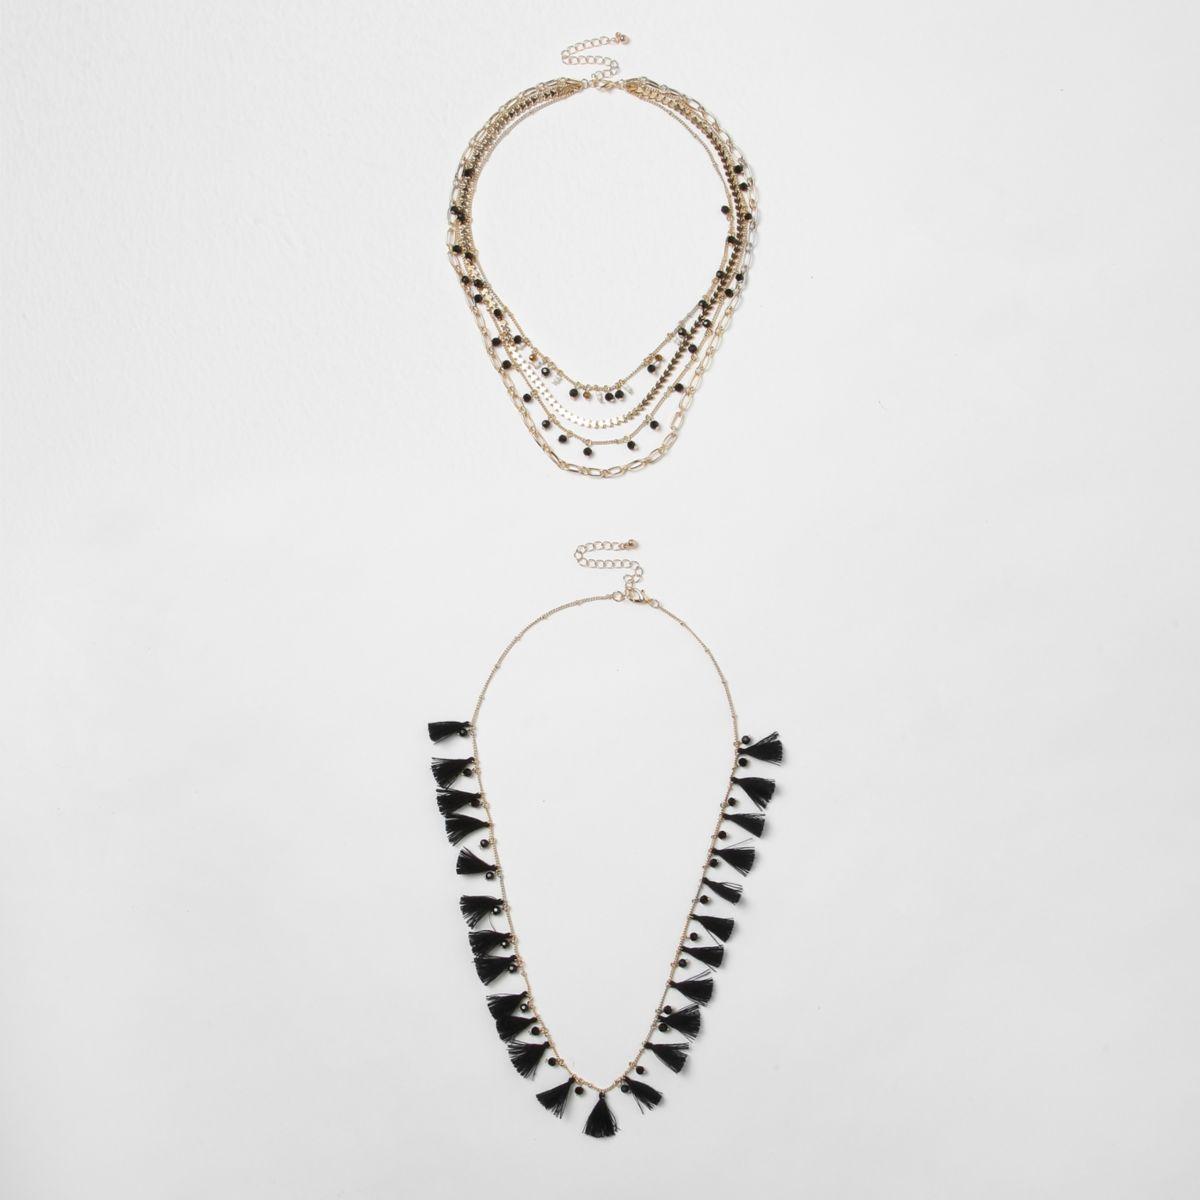 Black tassel bead multilayer necklace set